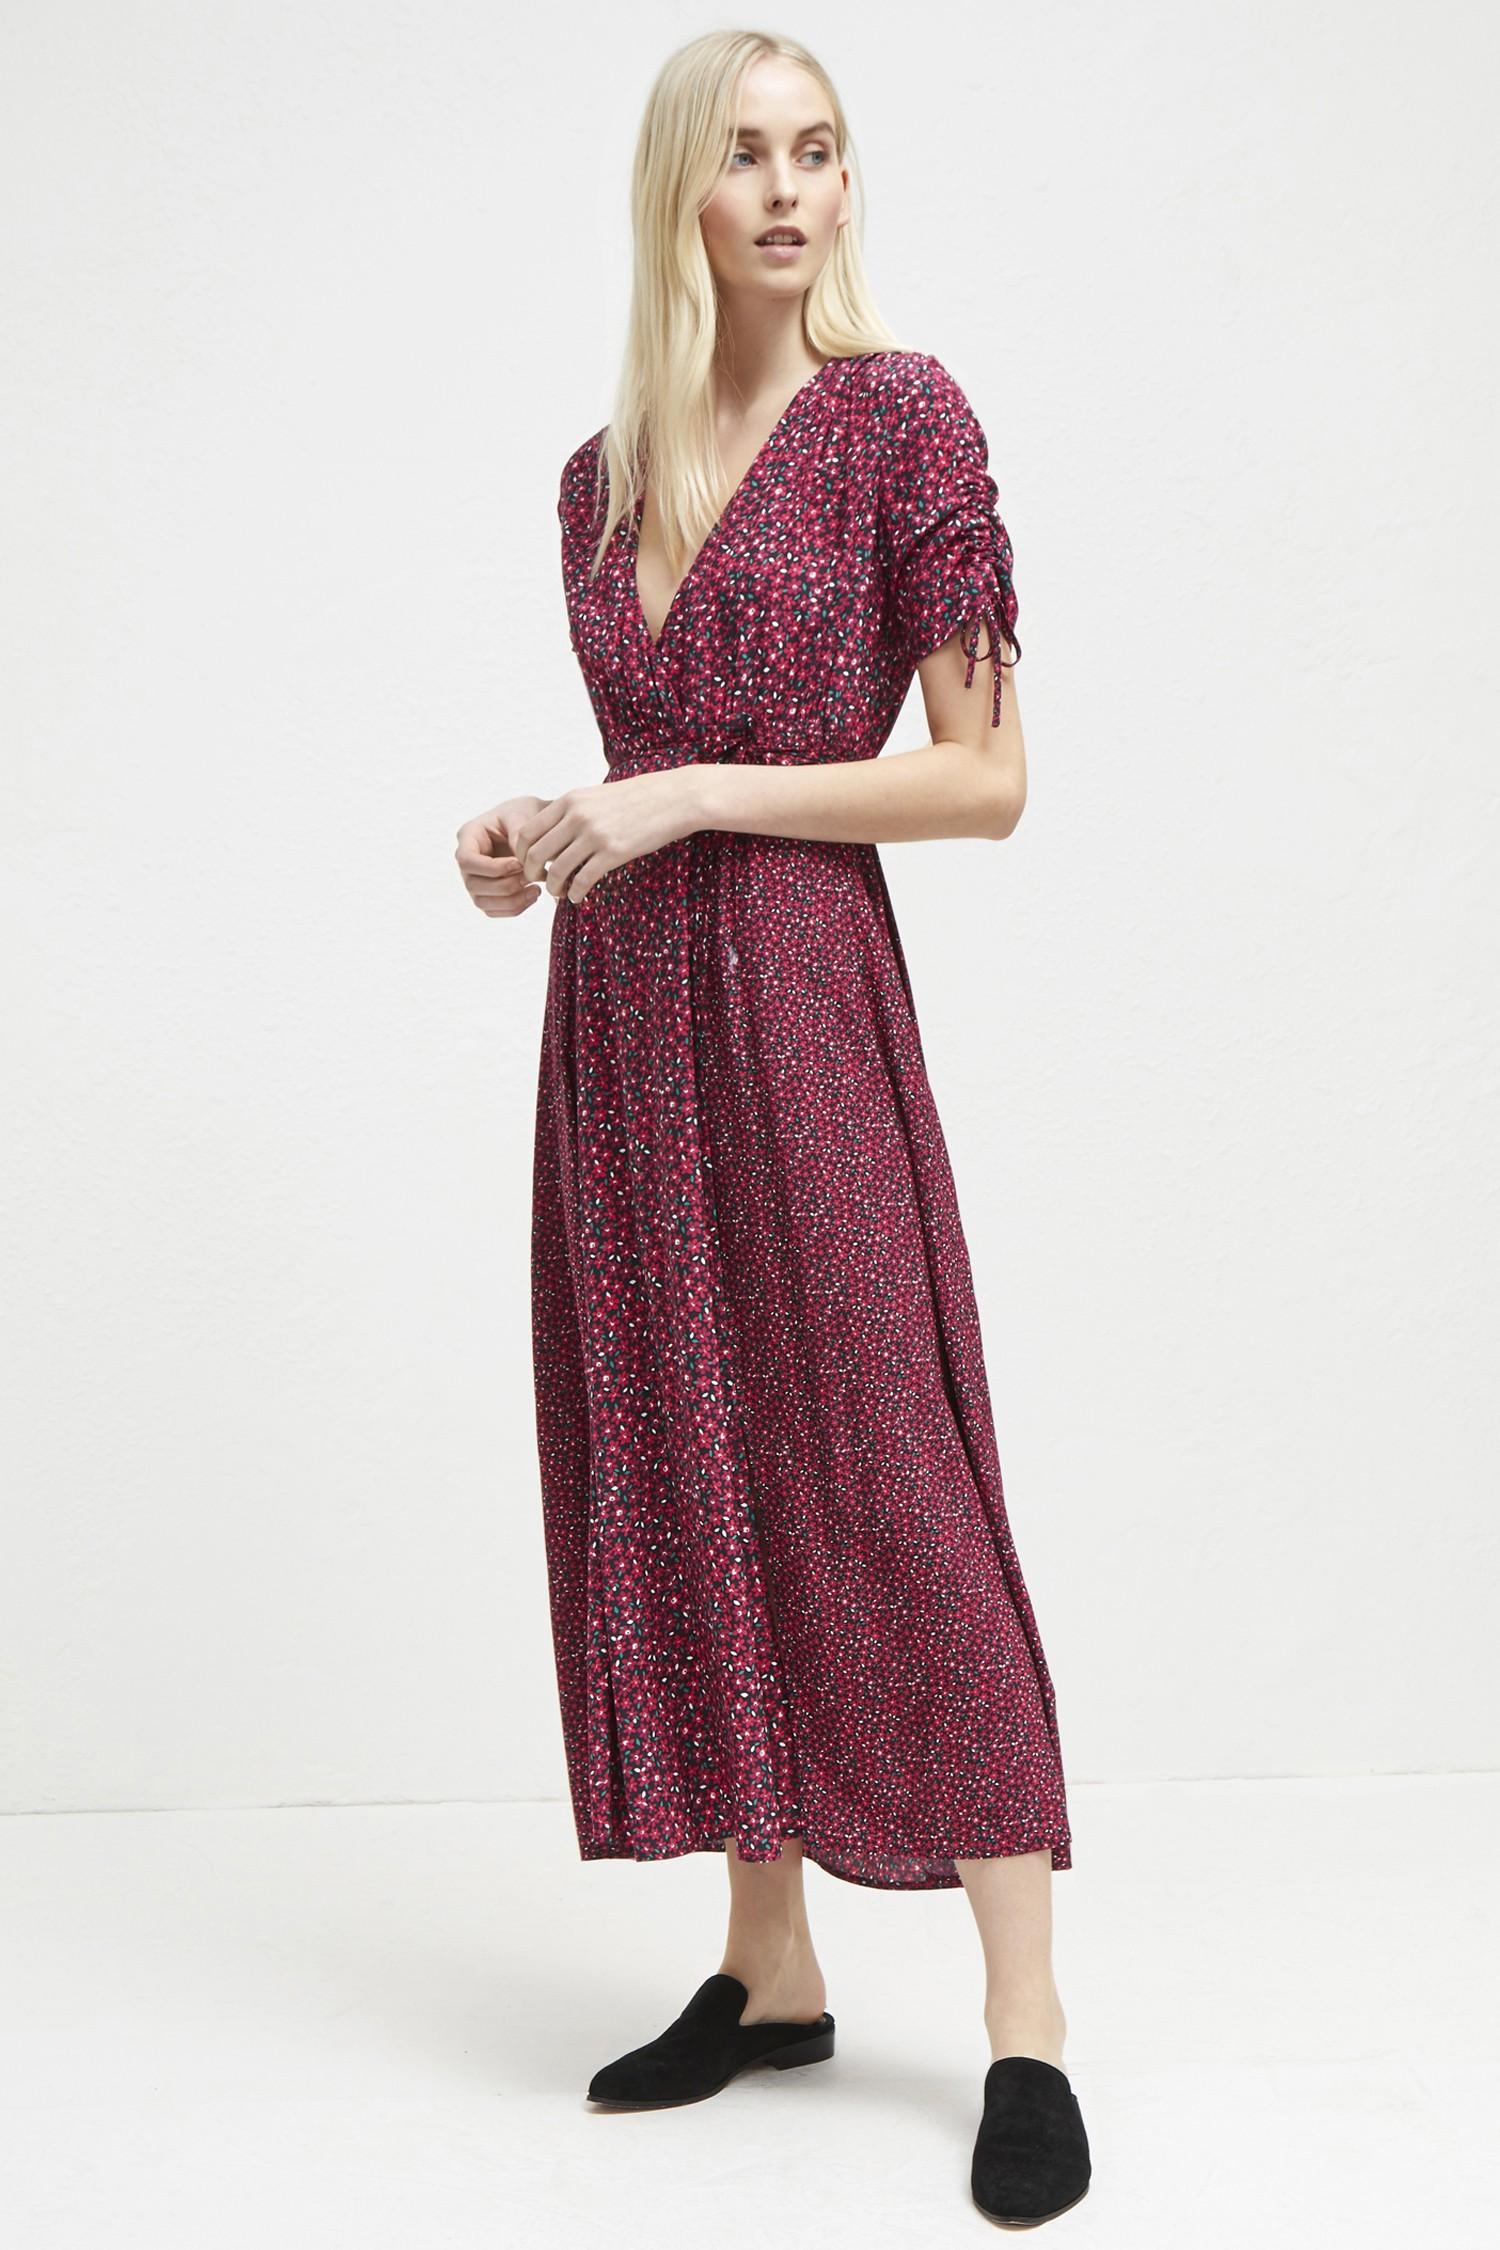 c0de4199d998 French Connection Aubine Fluid Floral Maxi Dress - 10